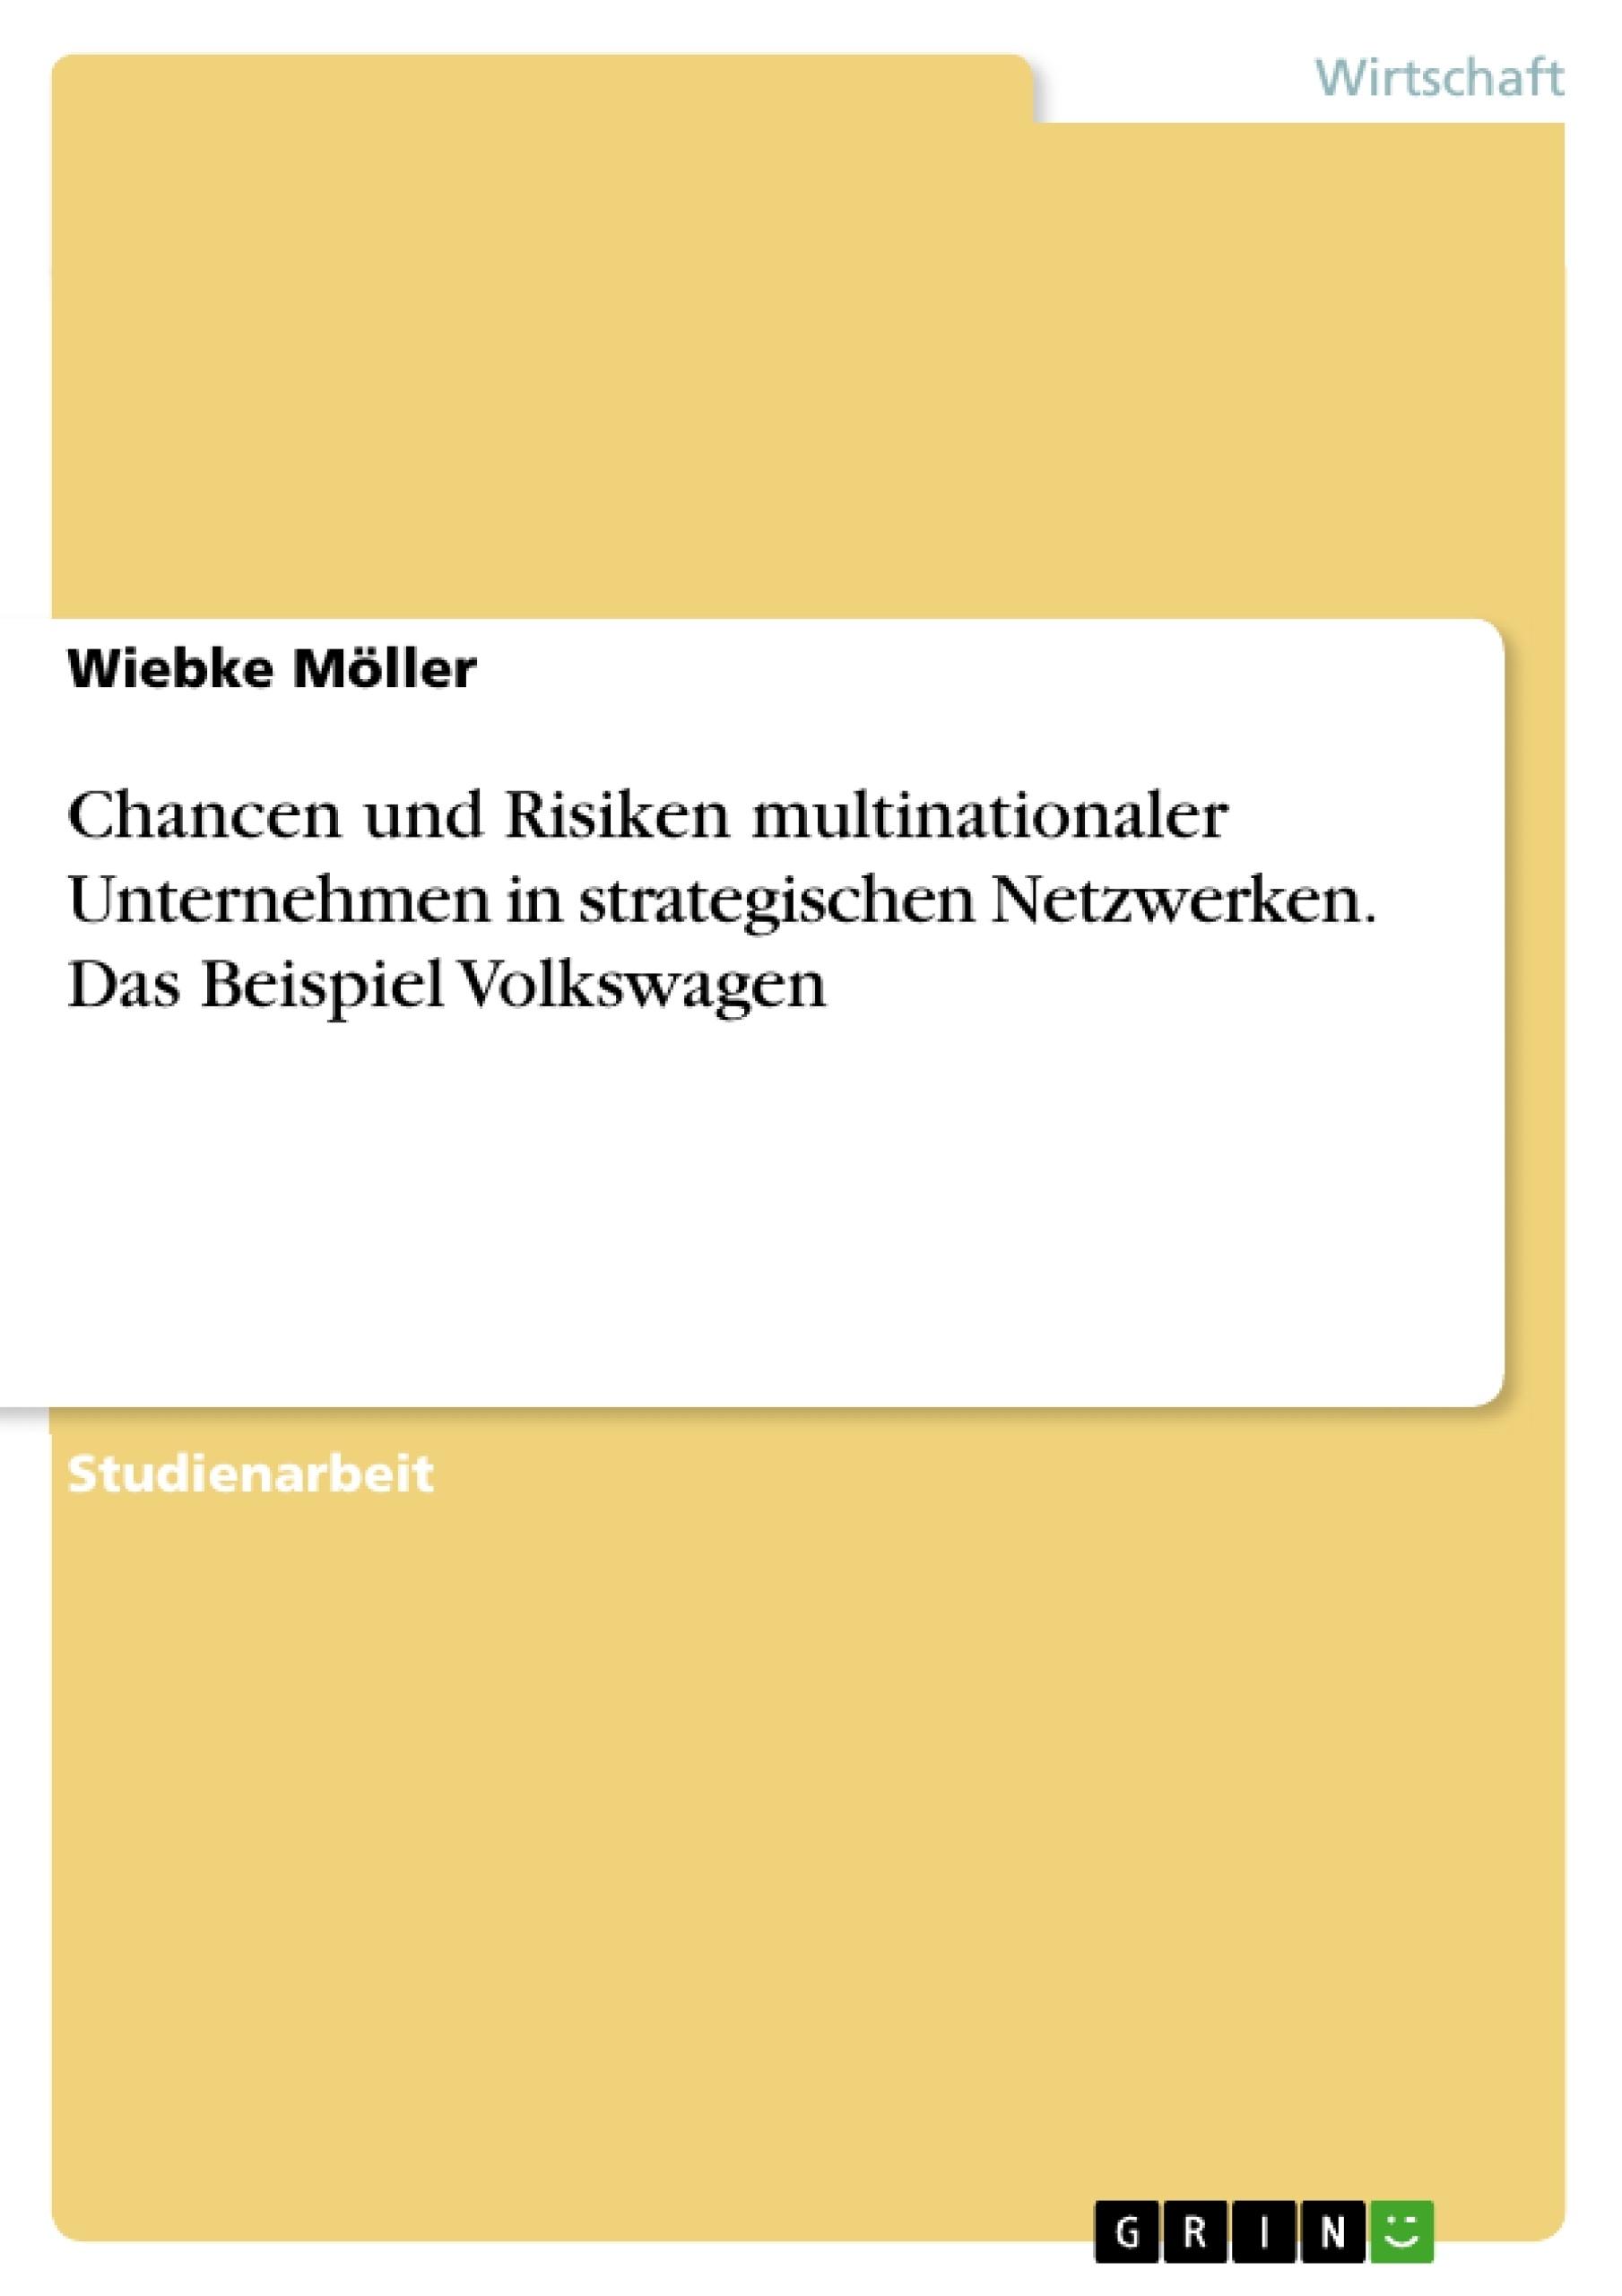 Titel: Chancen und Risiken multinationaler Unternehmen in strategischen Netzwerken. Das Beispiel Volkswagen